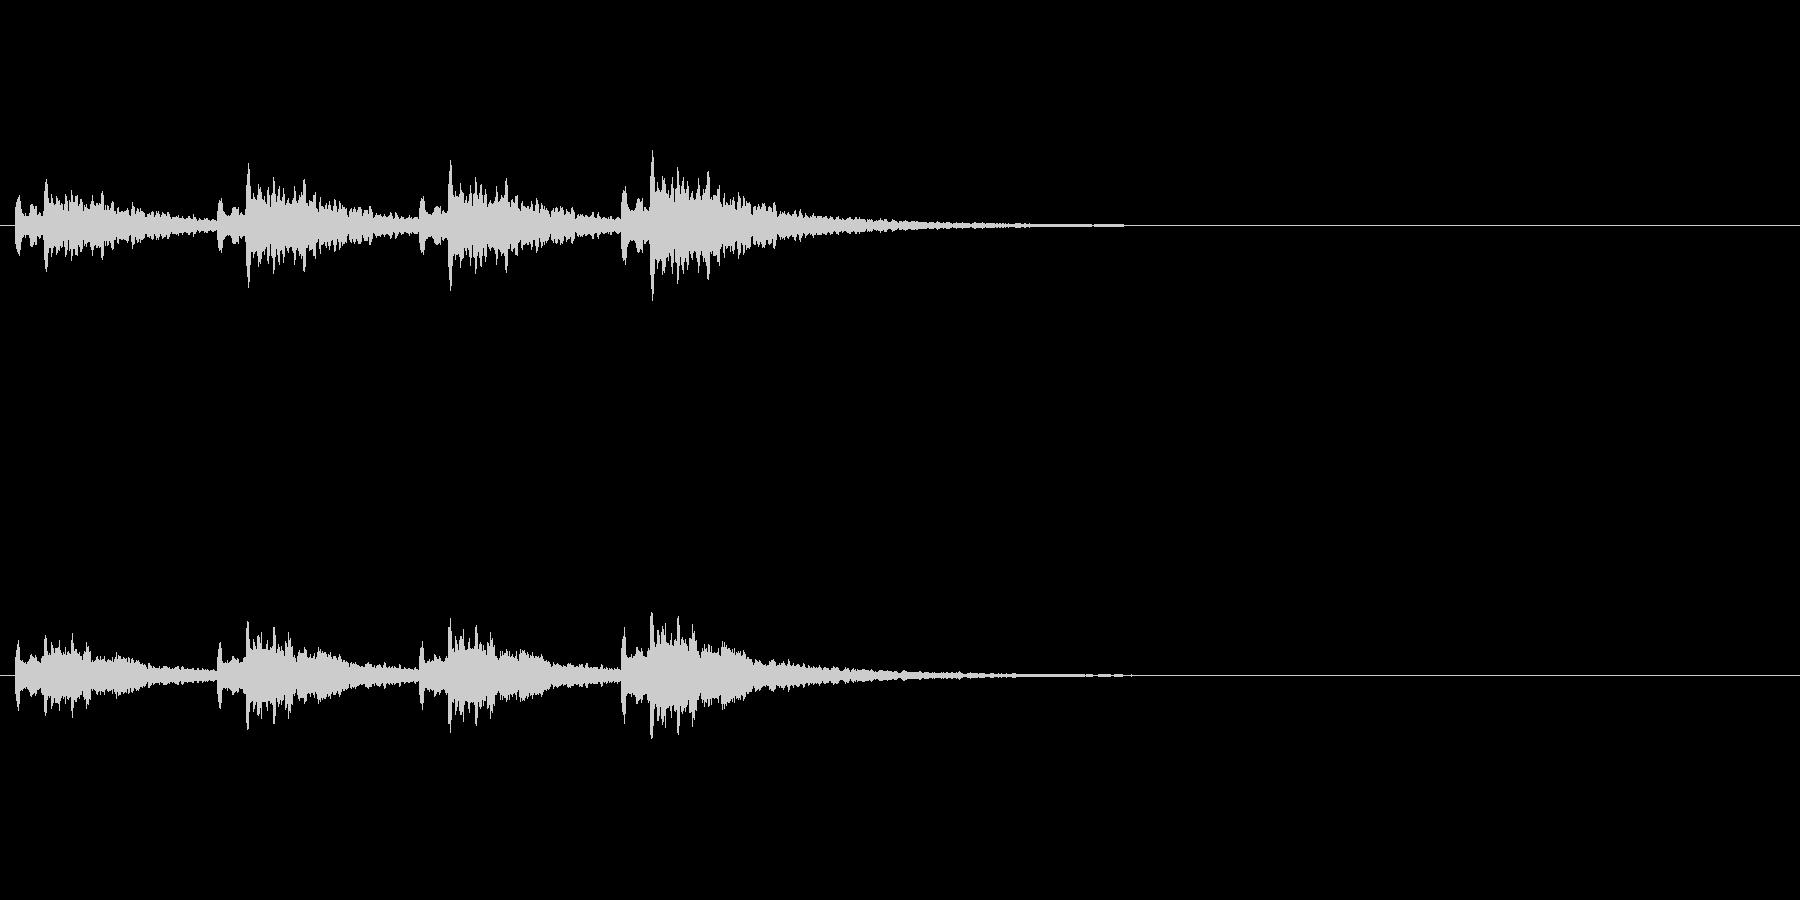 アラーム・お知らせ効果音の未再生の波形